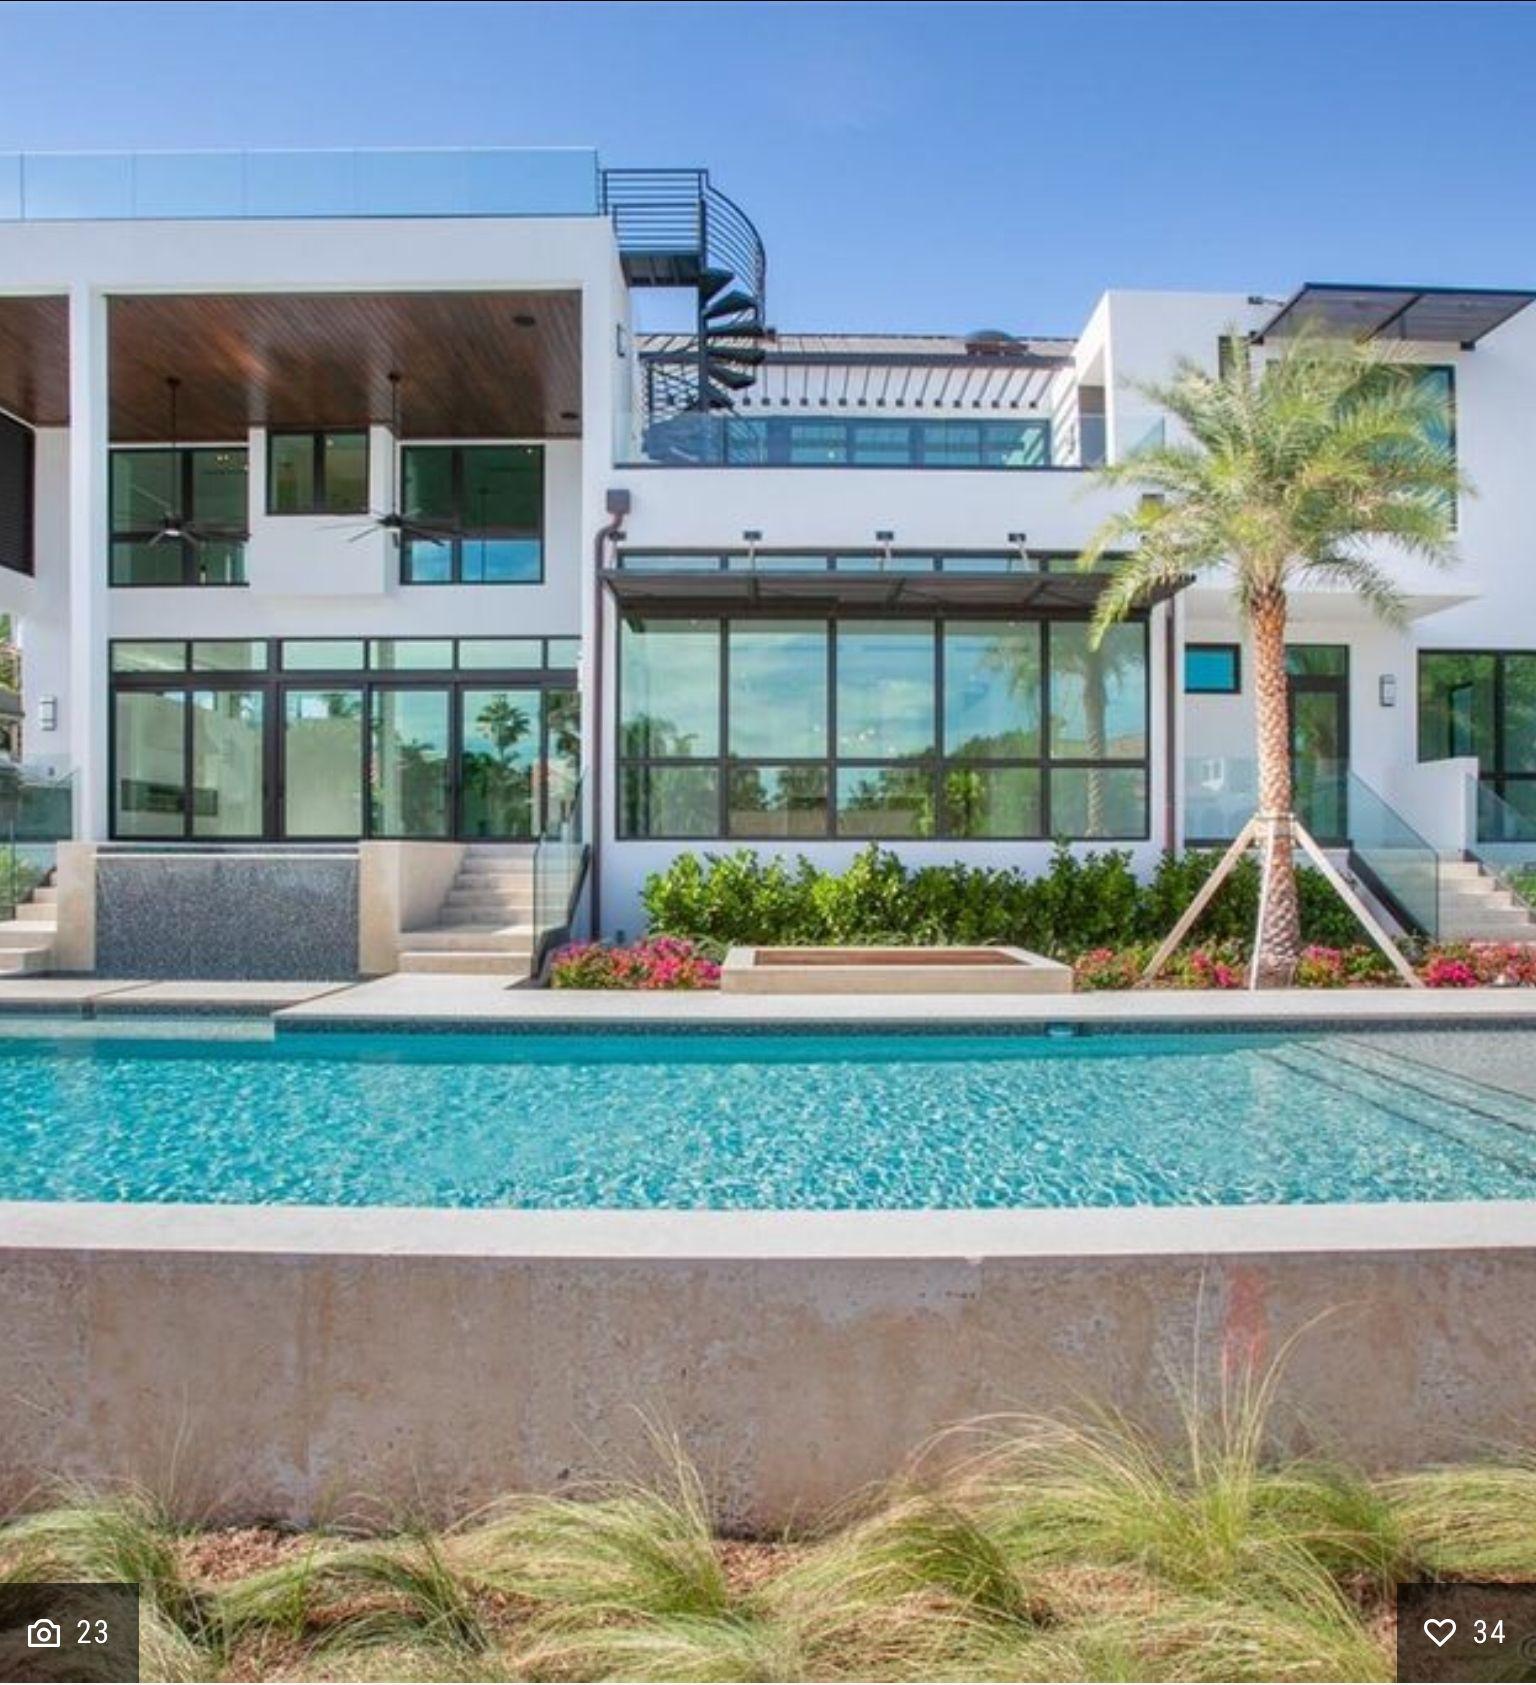 C Est L Endroit Ideal Pour Vivre Casa Hermosa Casas Interiores